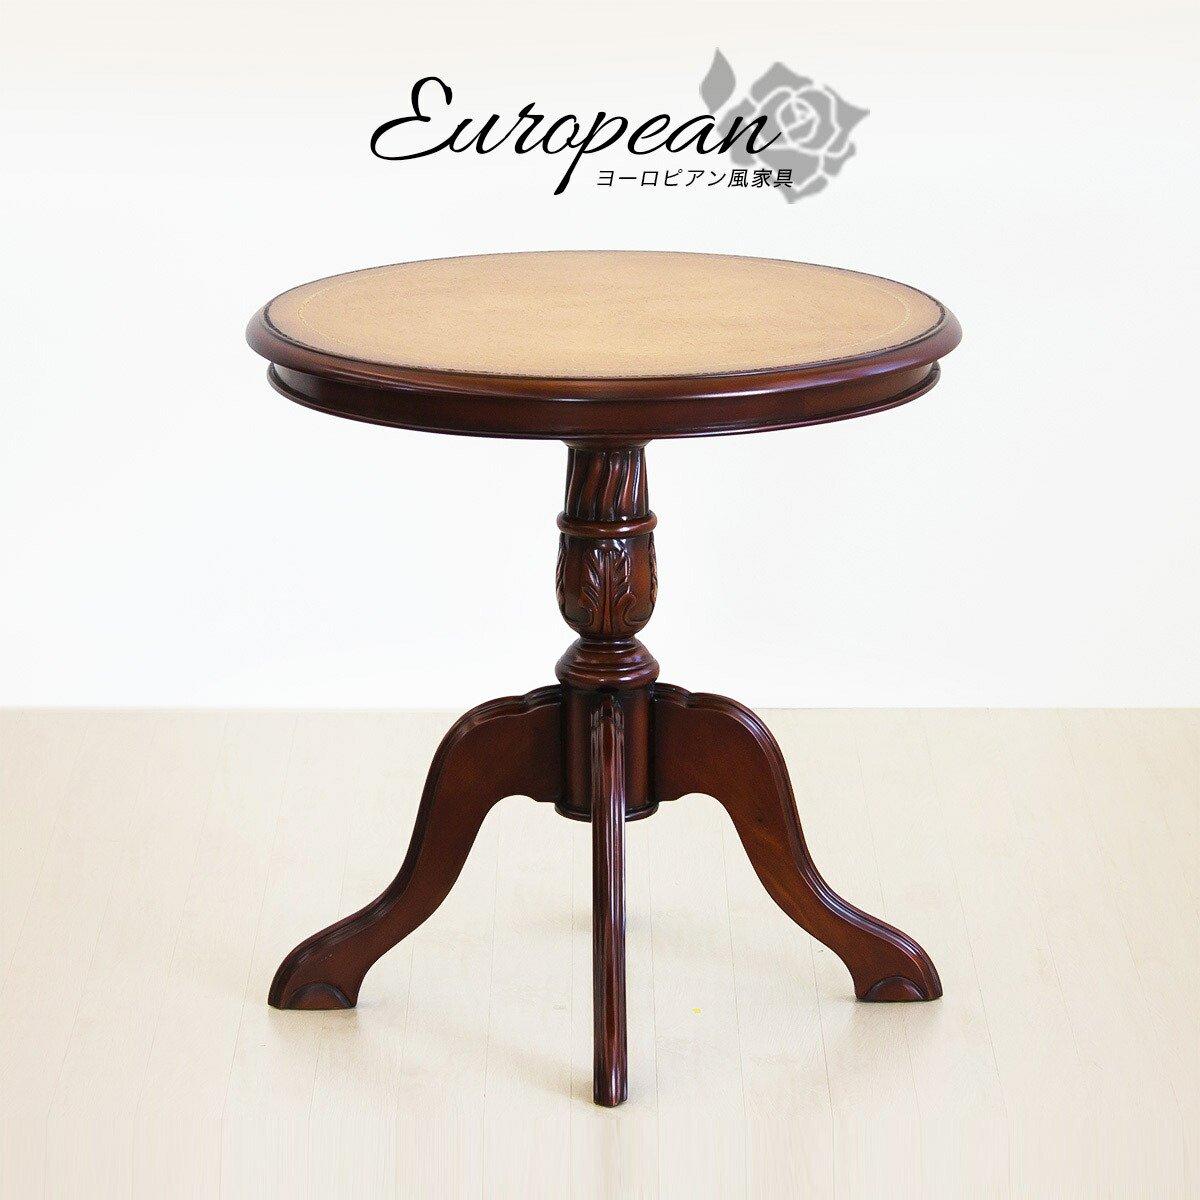 アンティーク風 テーブル [ヨーロッパ風 クラシック 木製 テーブル]